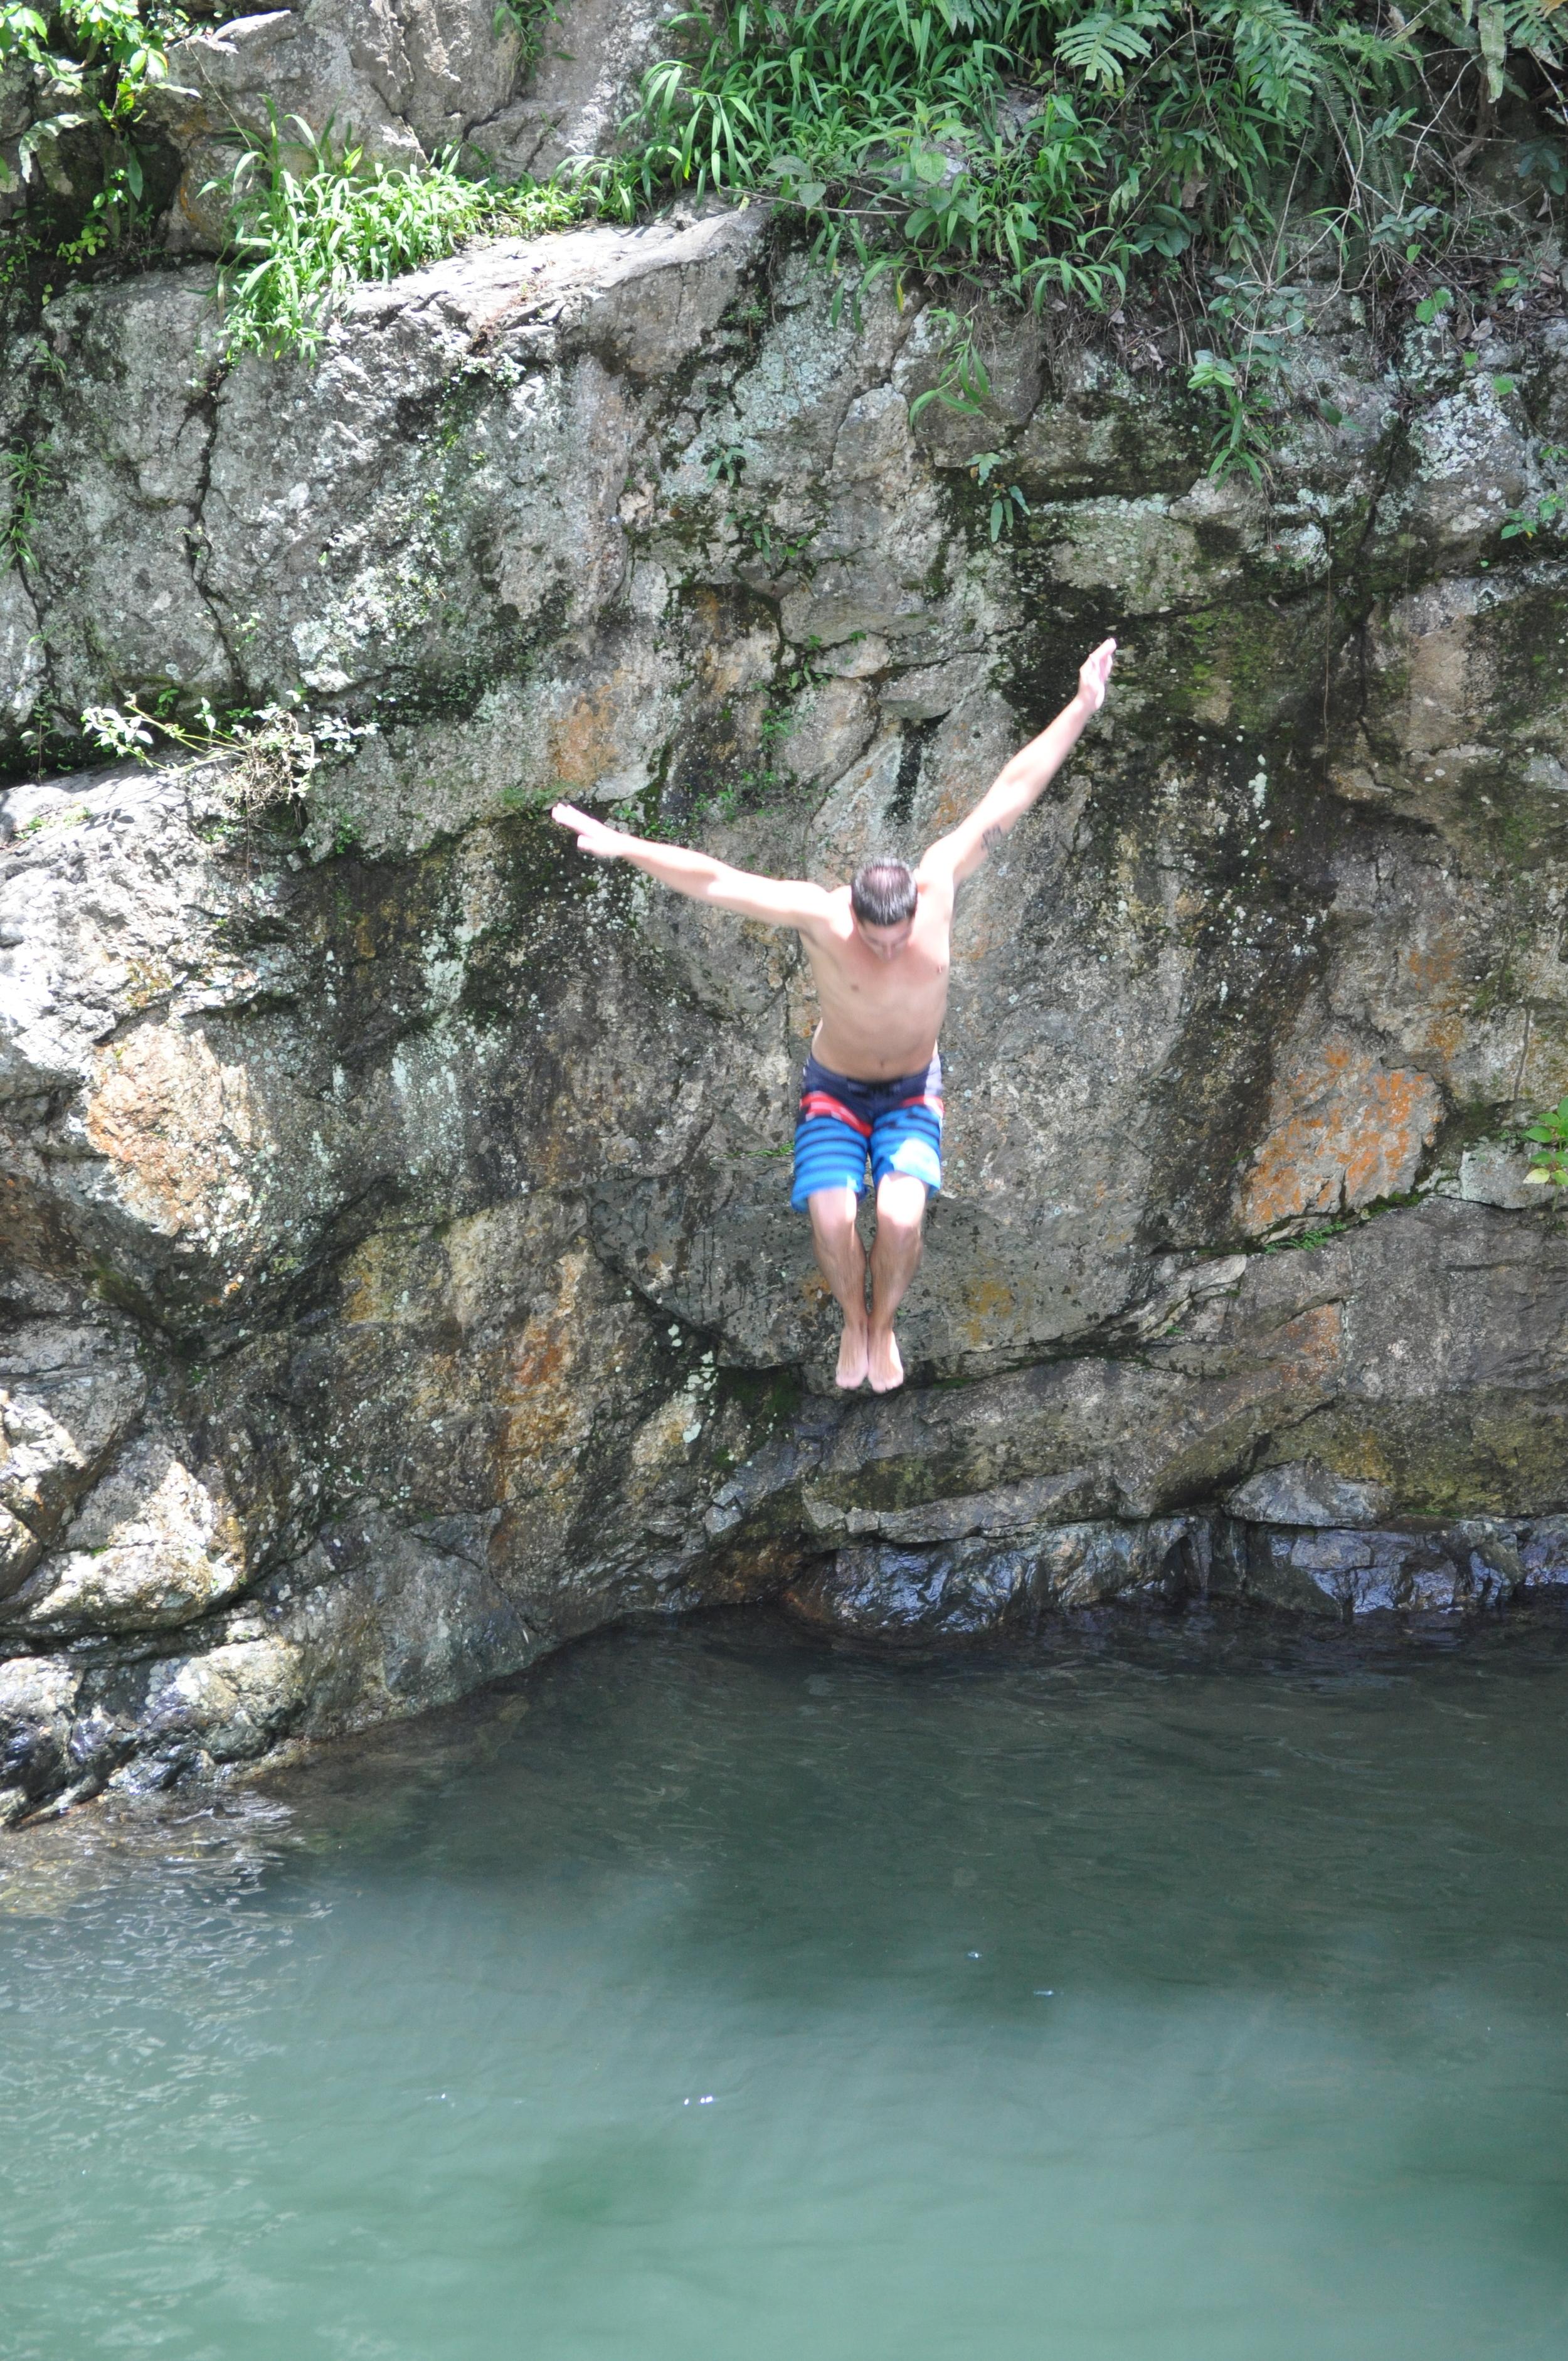 La charca El Ataúd,en  Adjuntas , tiene una cascada cristalina y bella. Además, desde una gigantesca piedra, de aproximadamente veinte pies de alto, se lanzan los más arriesgados. Foto: Pamy Rojas